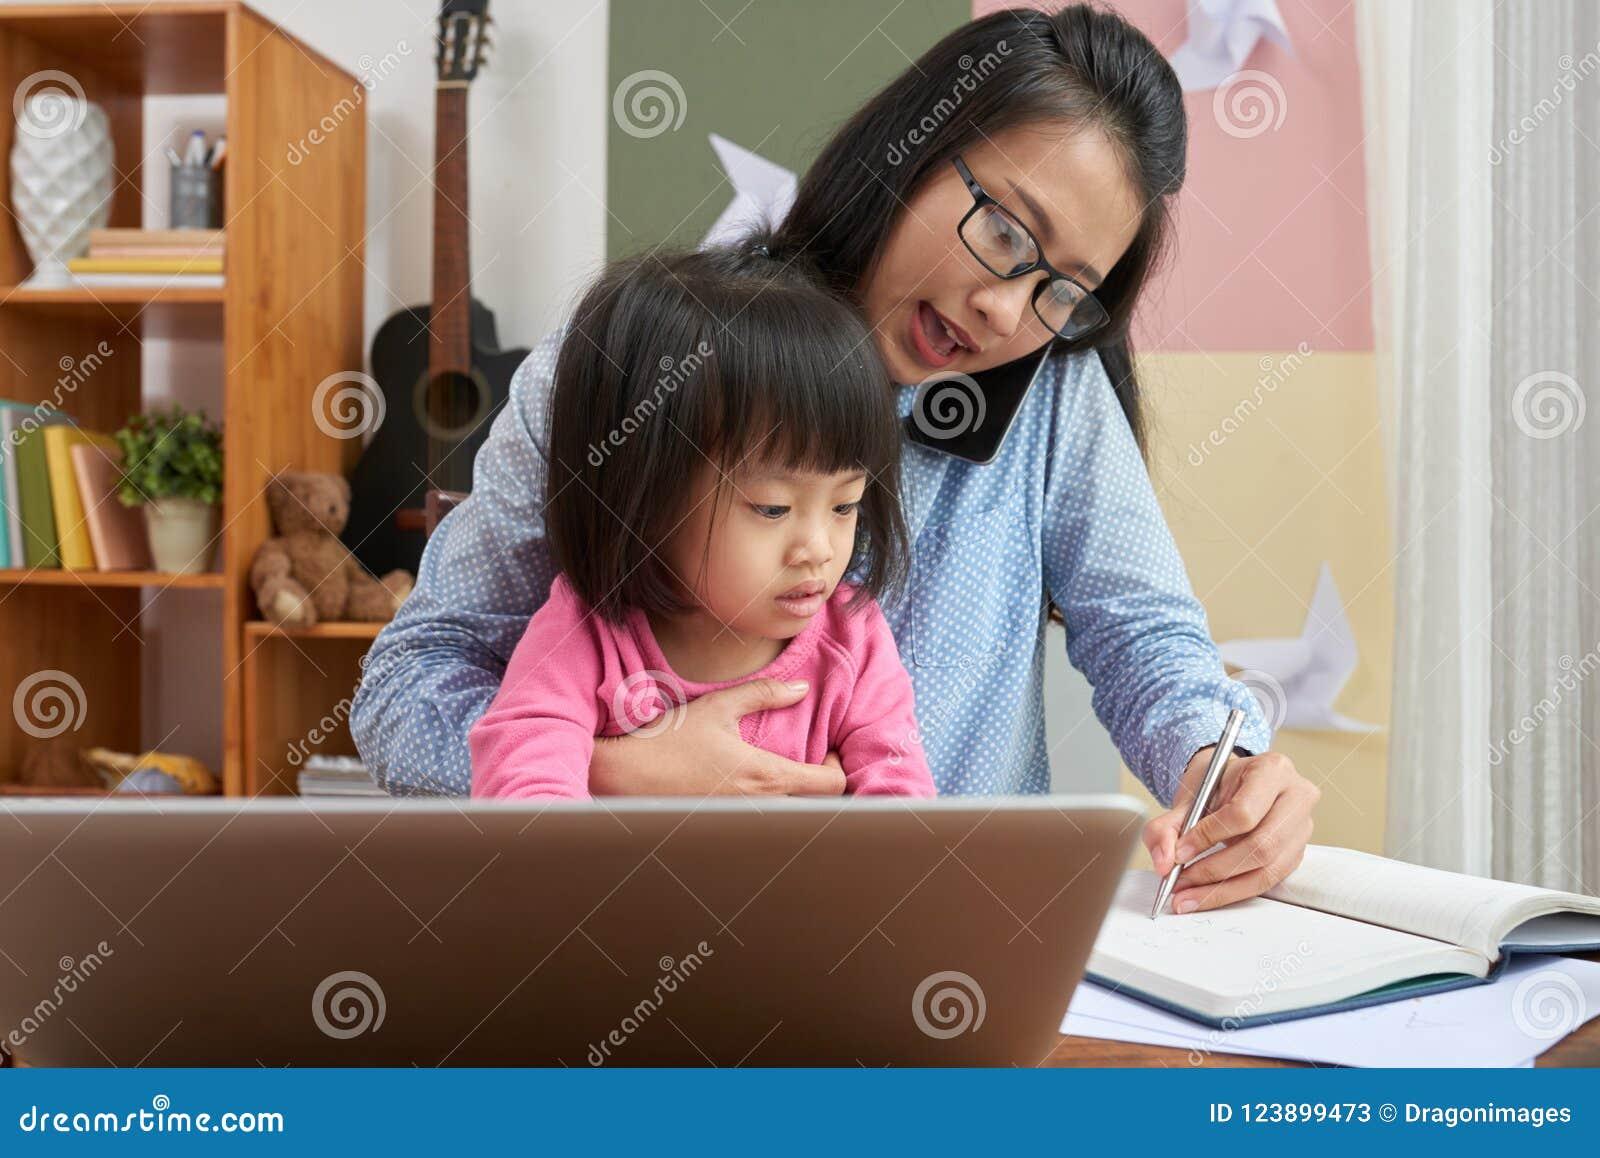 Γυναίκα που συνεργάζεται στο σπίτι με το μικρό κορίτσι